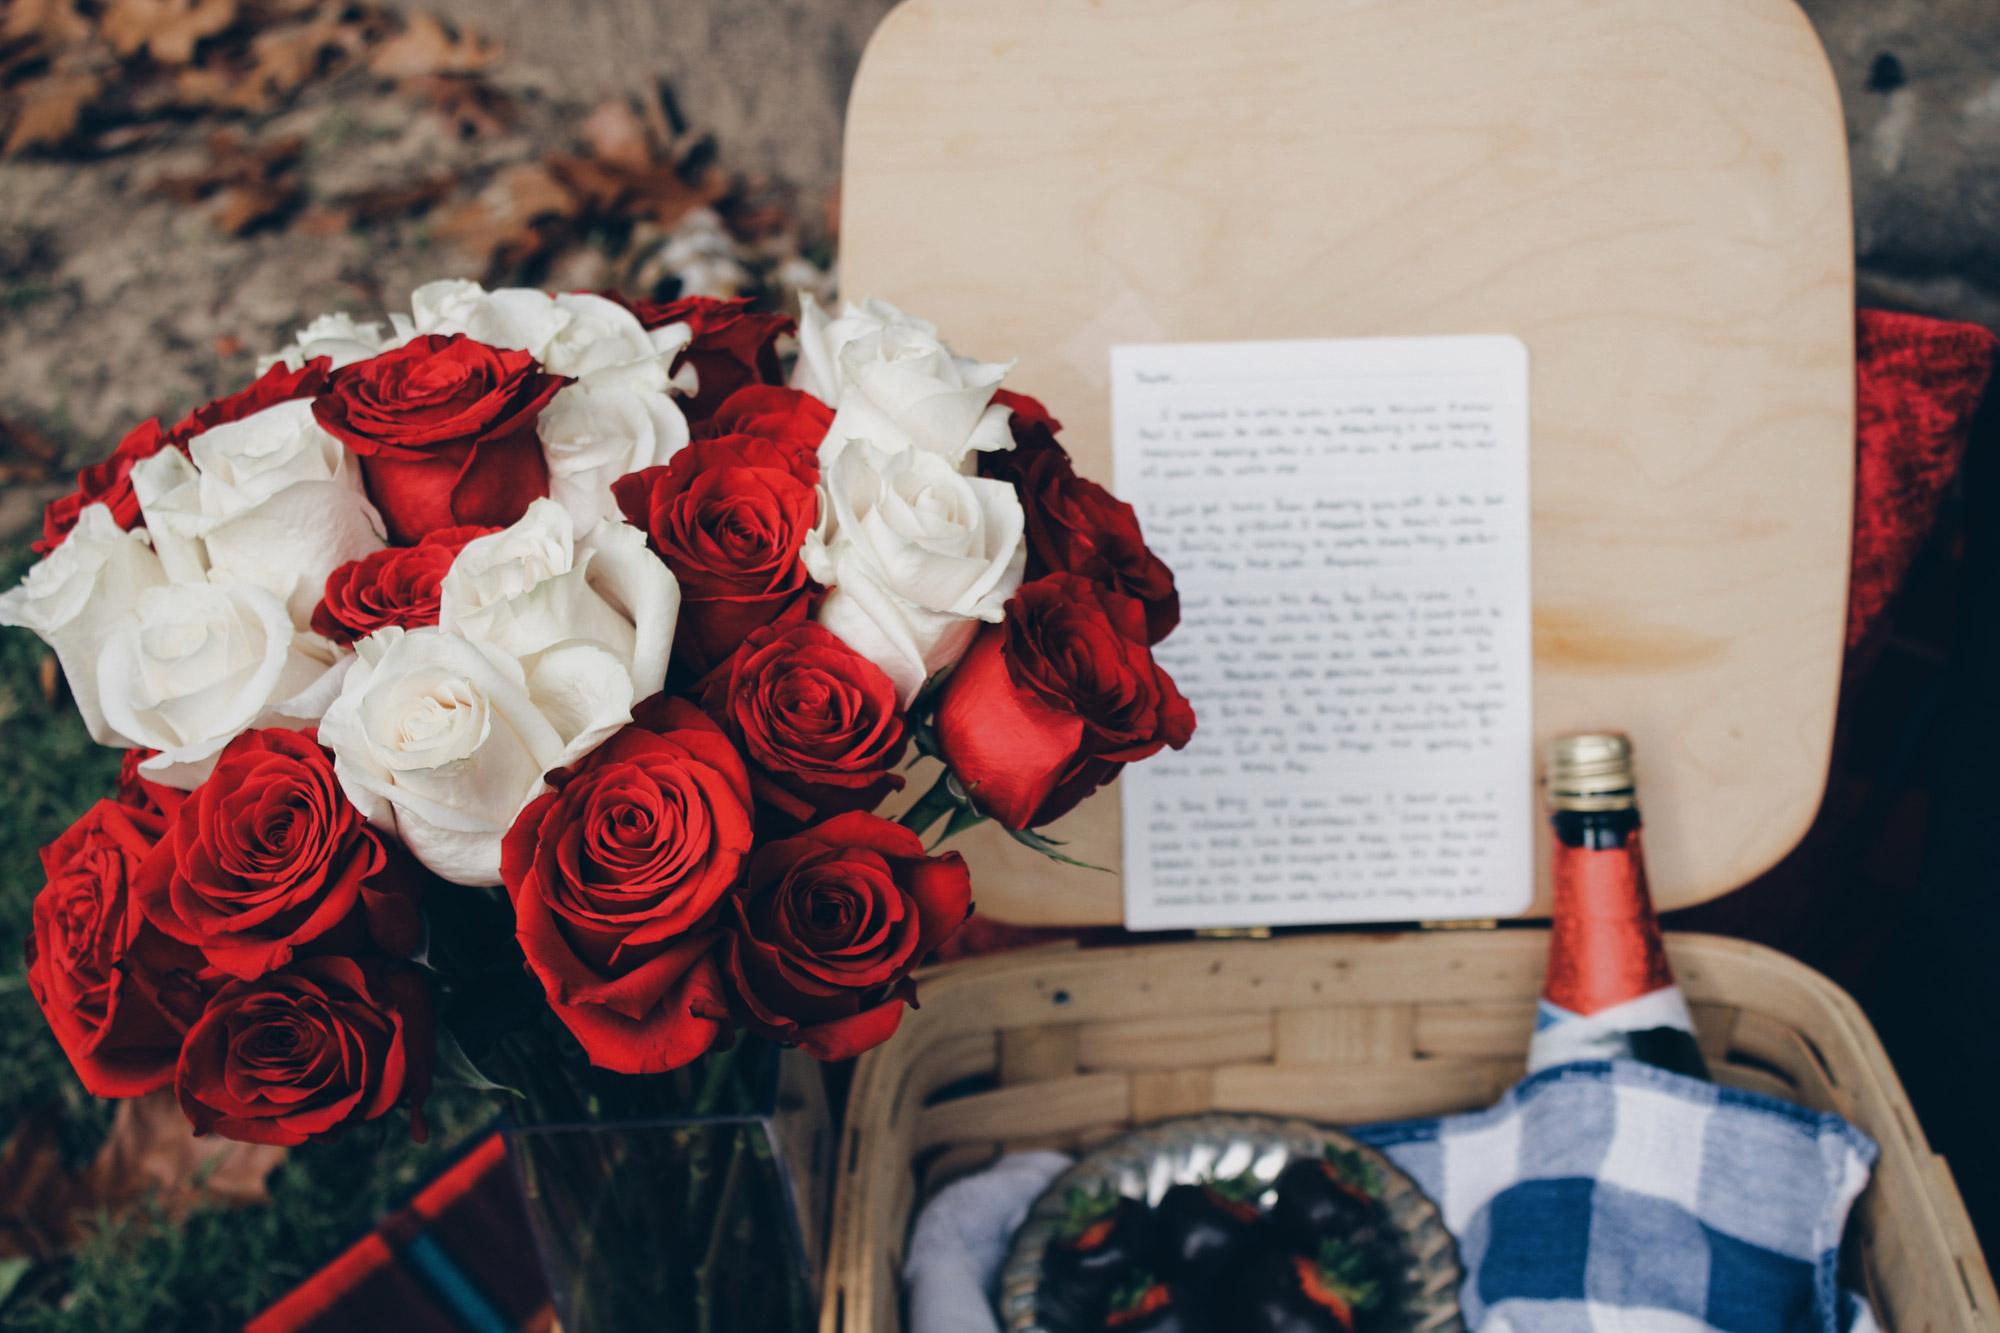 Panier de pique-nique romantique avec un bouquet de roses et une bouteille de vin